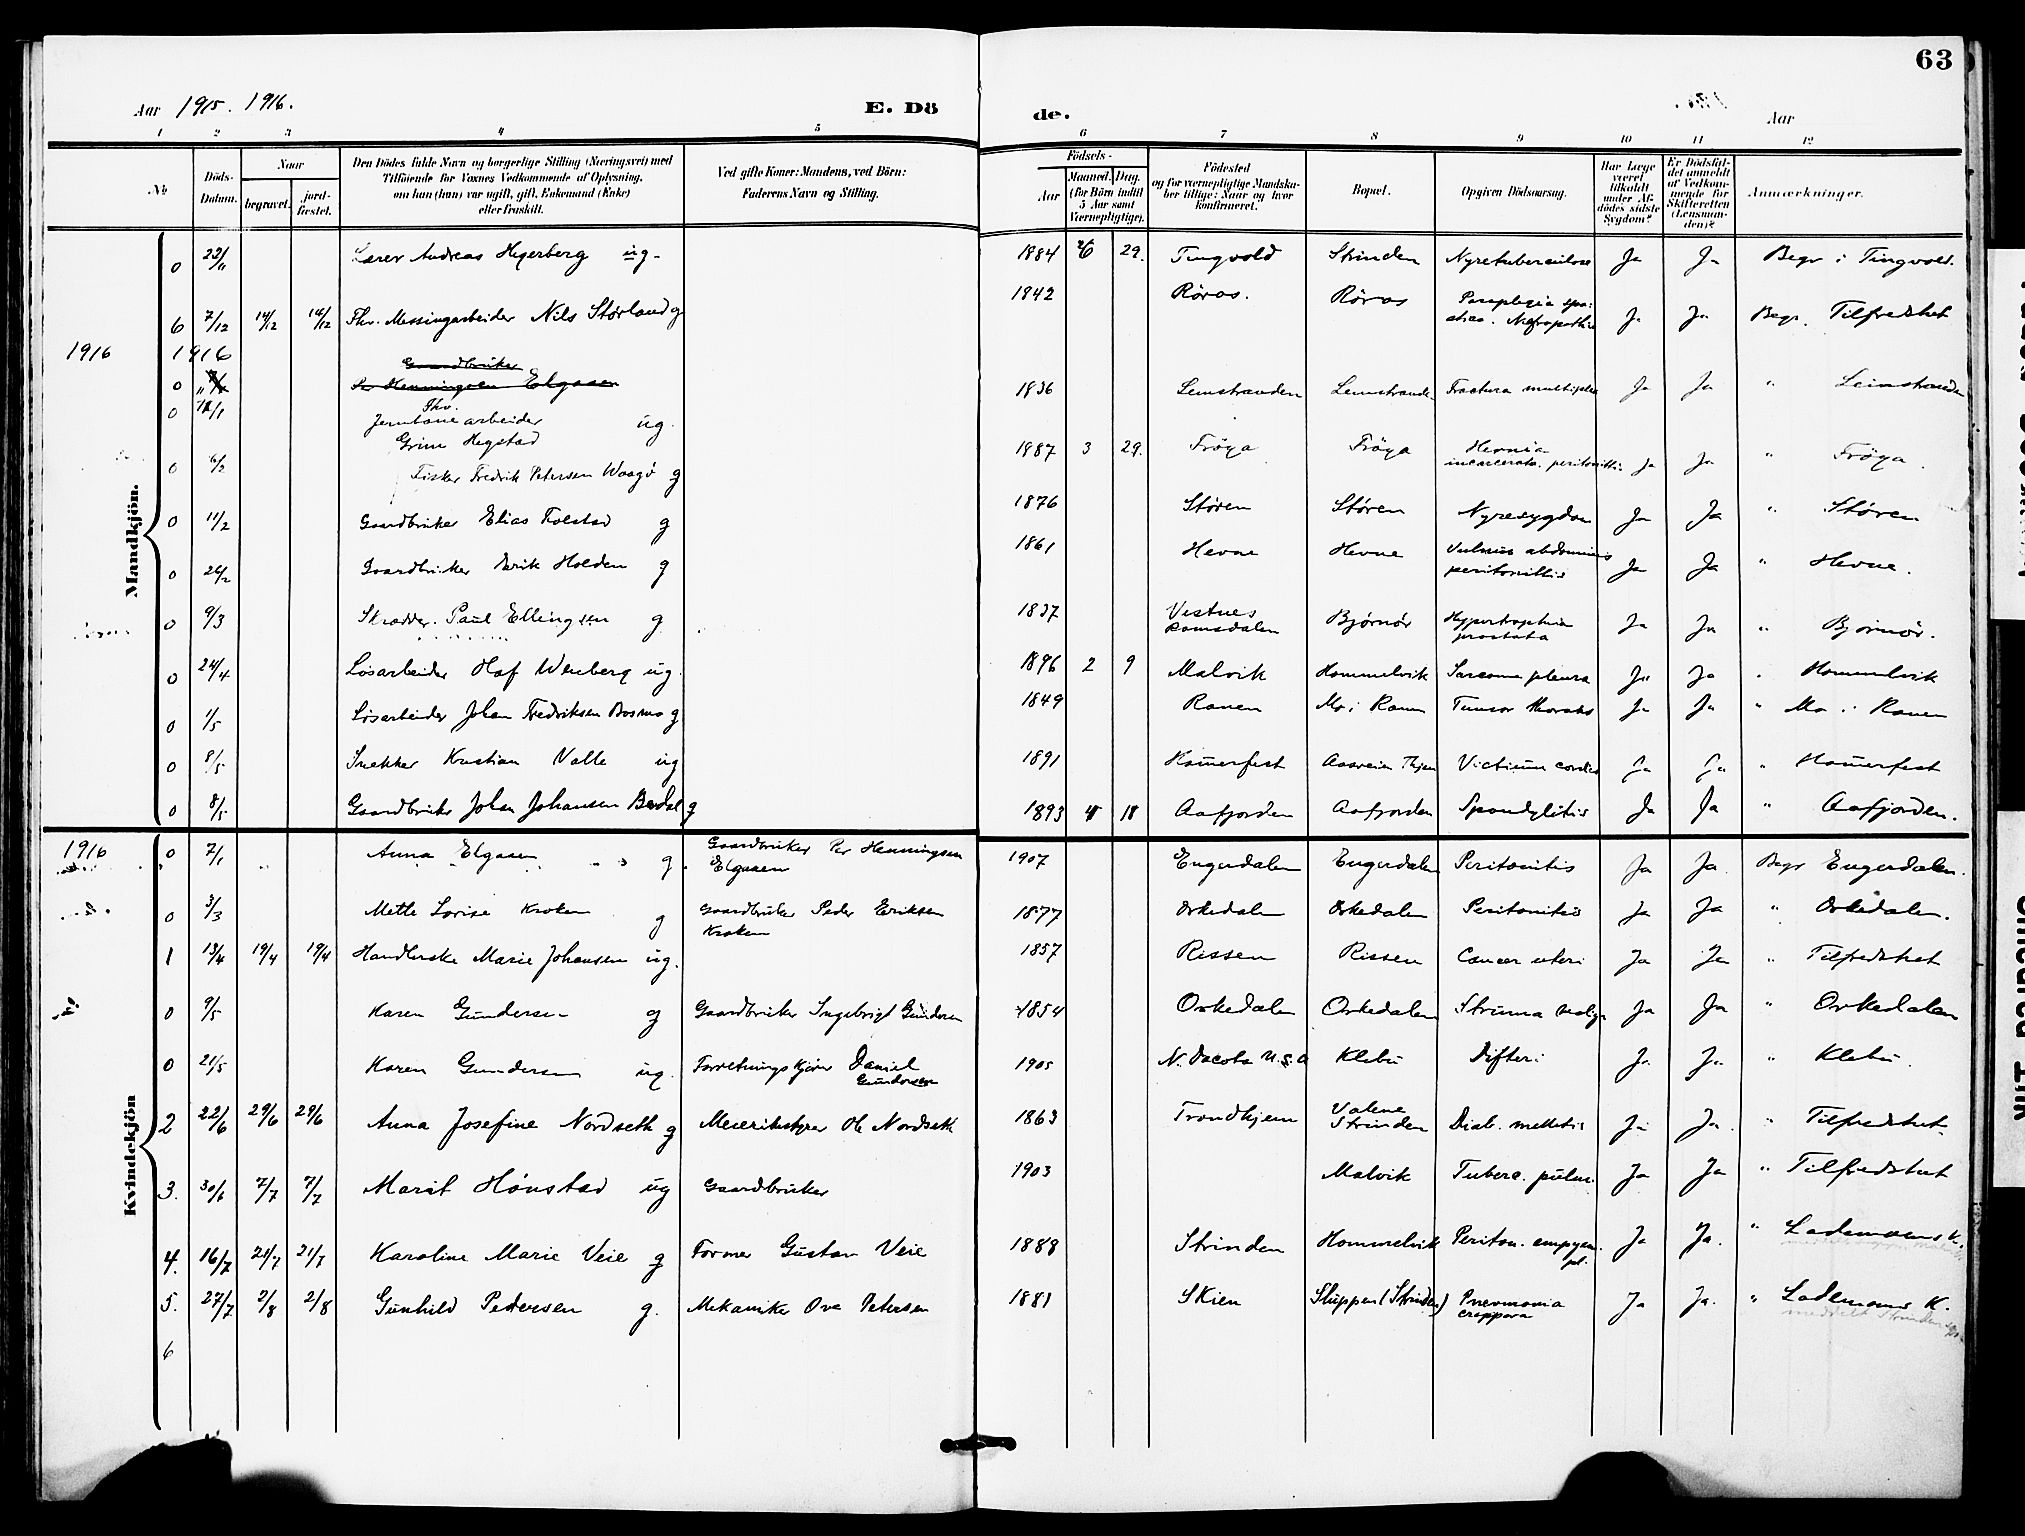 SAT, Ministerialprotokoller, klokkerbøker og fødselsregistre - Sør-Trøndelag, 628/L0483: Ministerialbok nr. 628A01, 1902-1920, s. 63